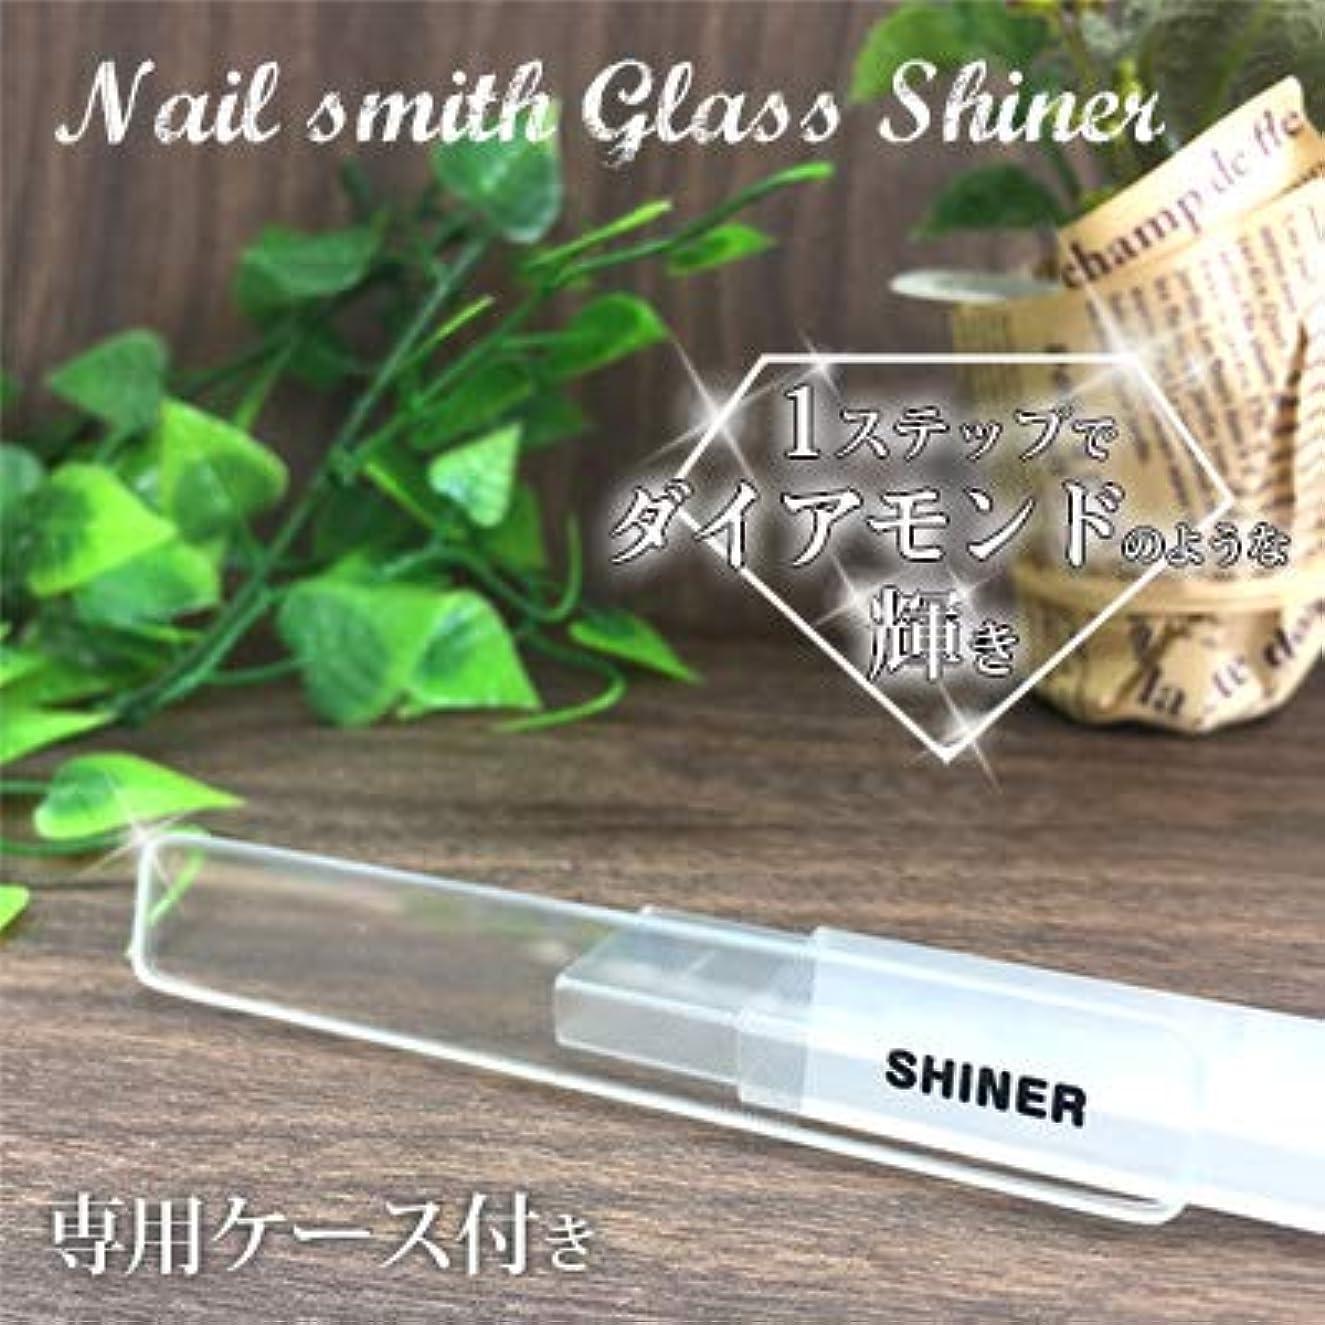 ダーリンつづり天井nail smith ネイルスミス ガラスシャイナー